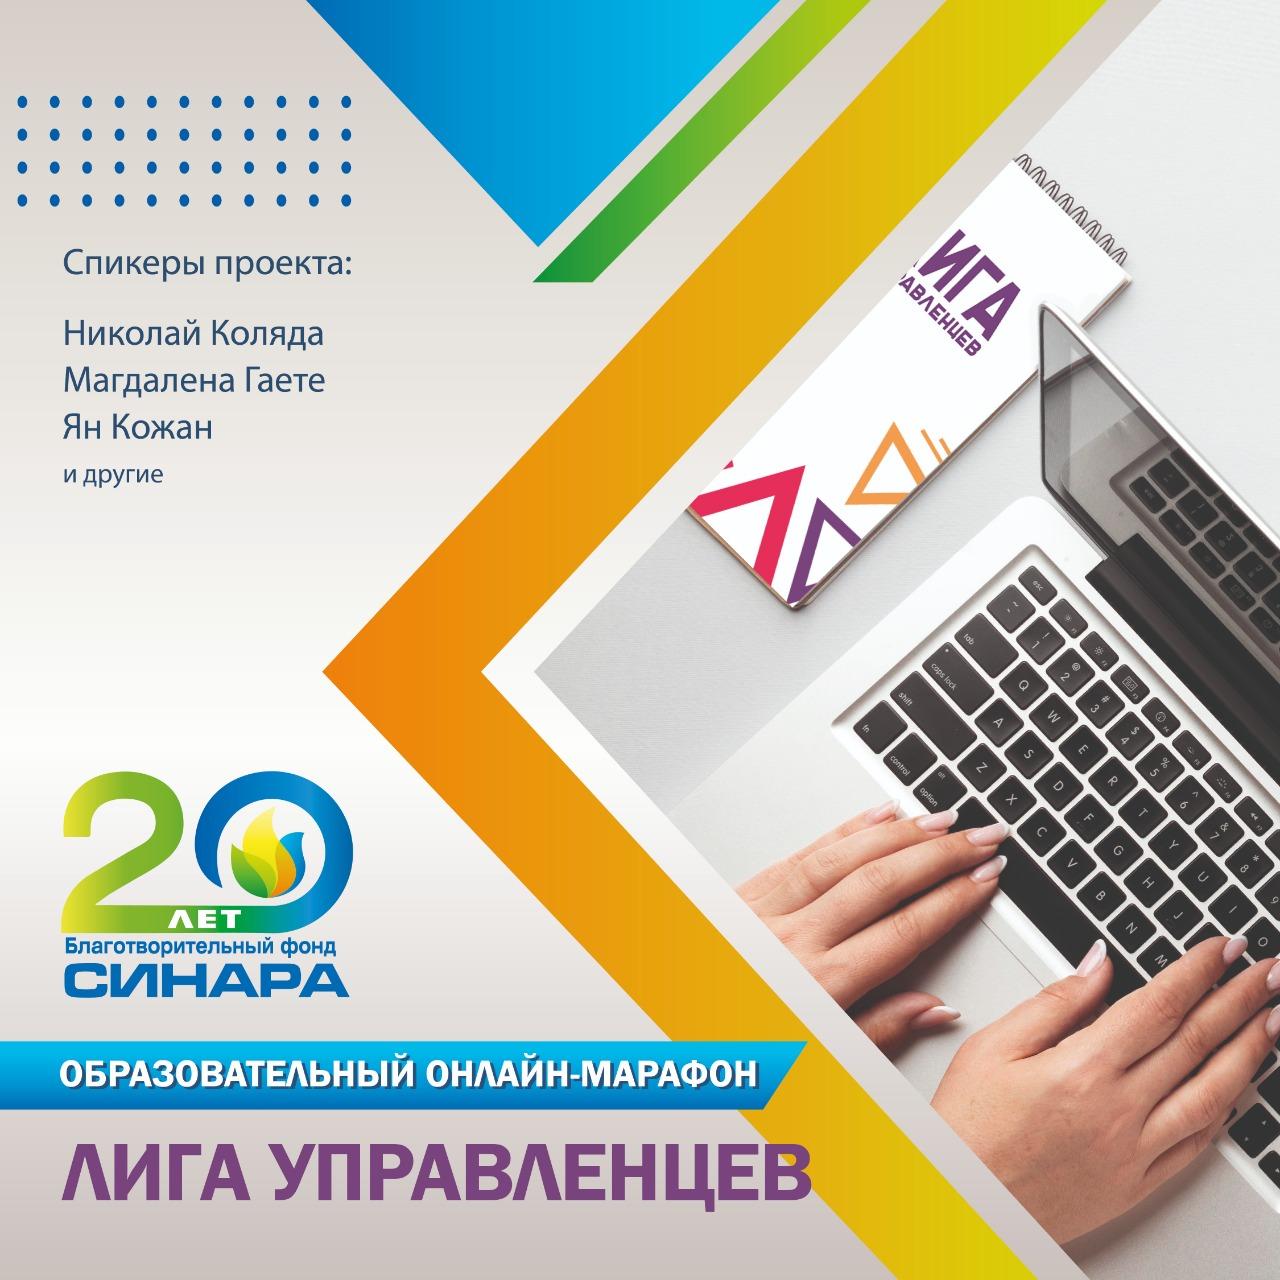 """БФ """"Синара"""" продлил прием заявок на образовательный онлайн-марафон """"Лига управленцев"""""""